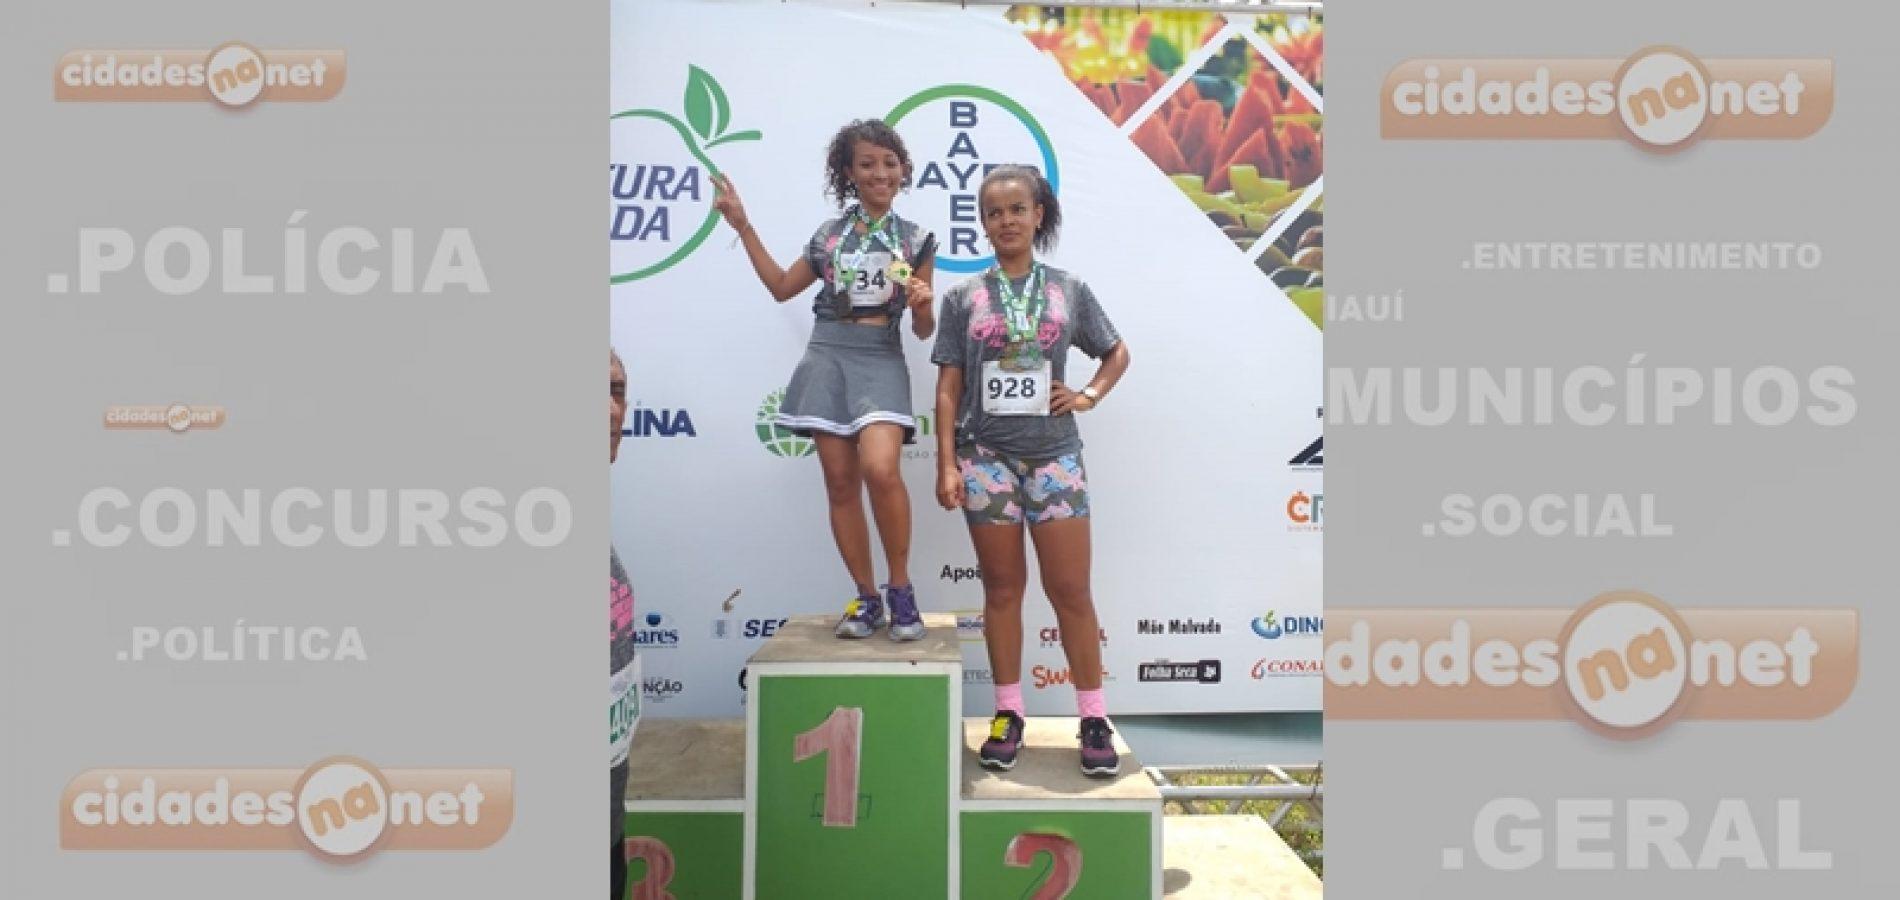 Atleta de Caridade do Piauí conquista 1º lugar em competição no Pernambuco